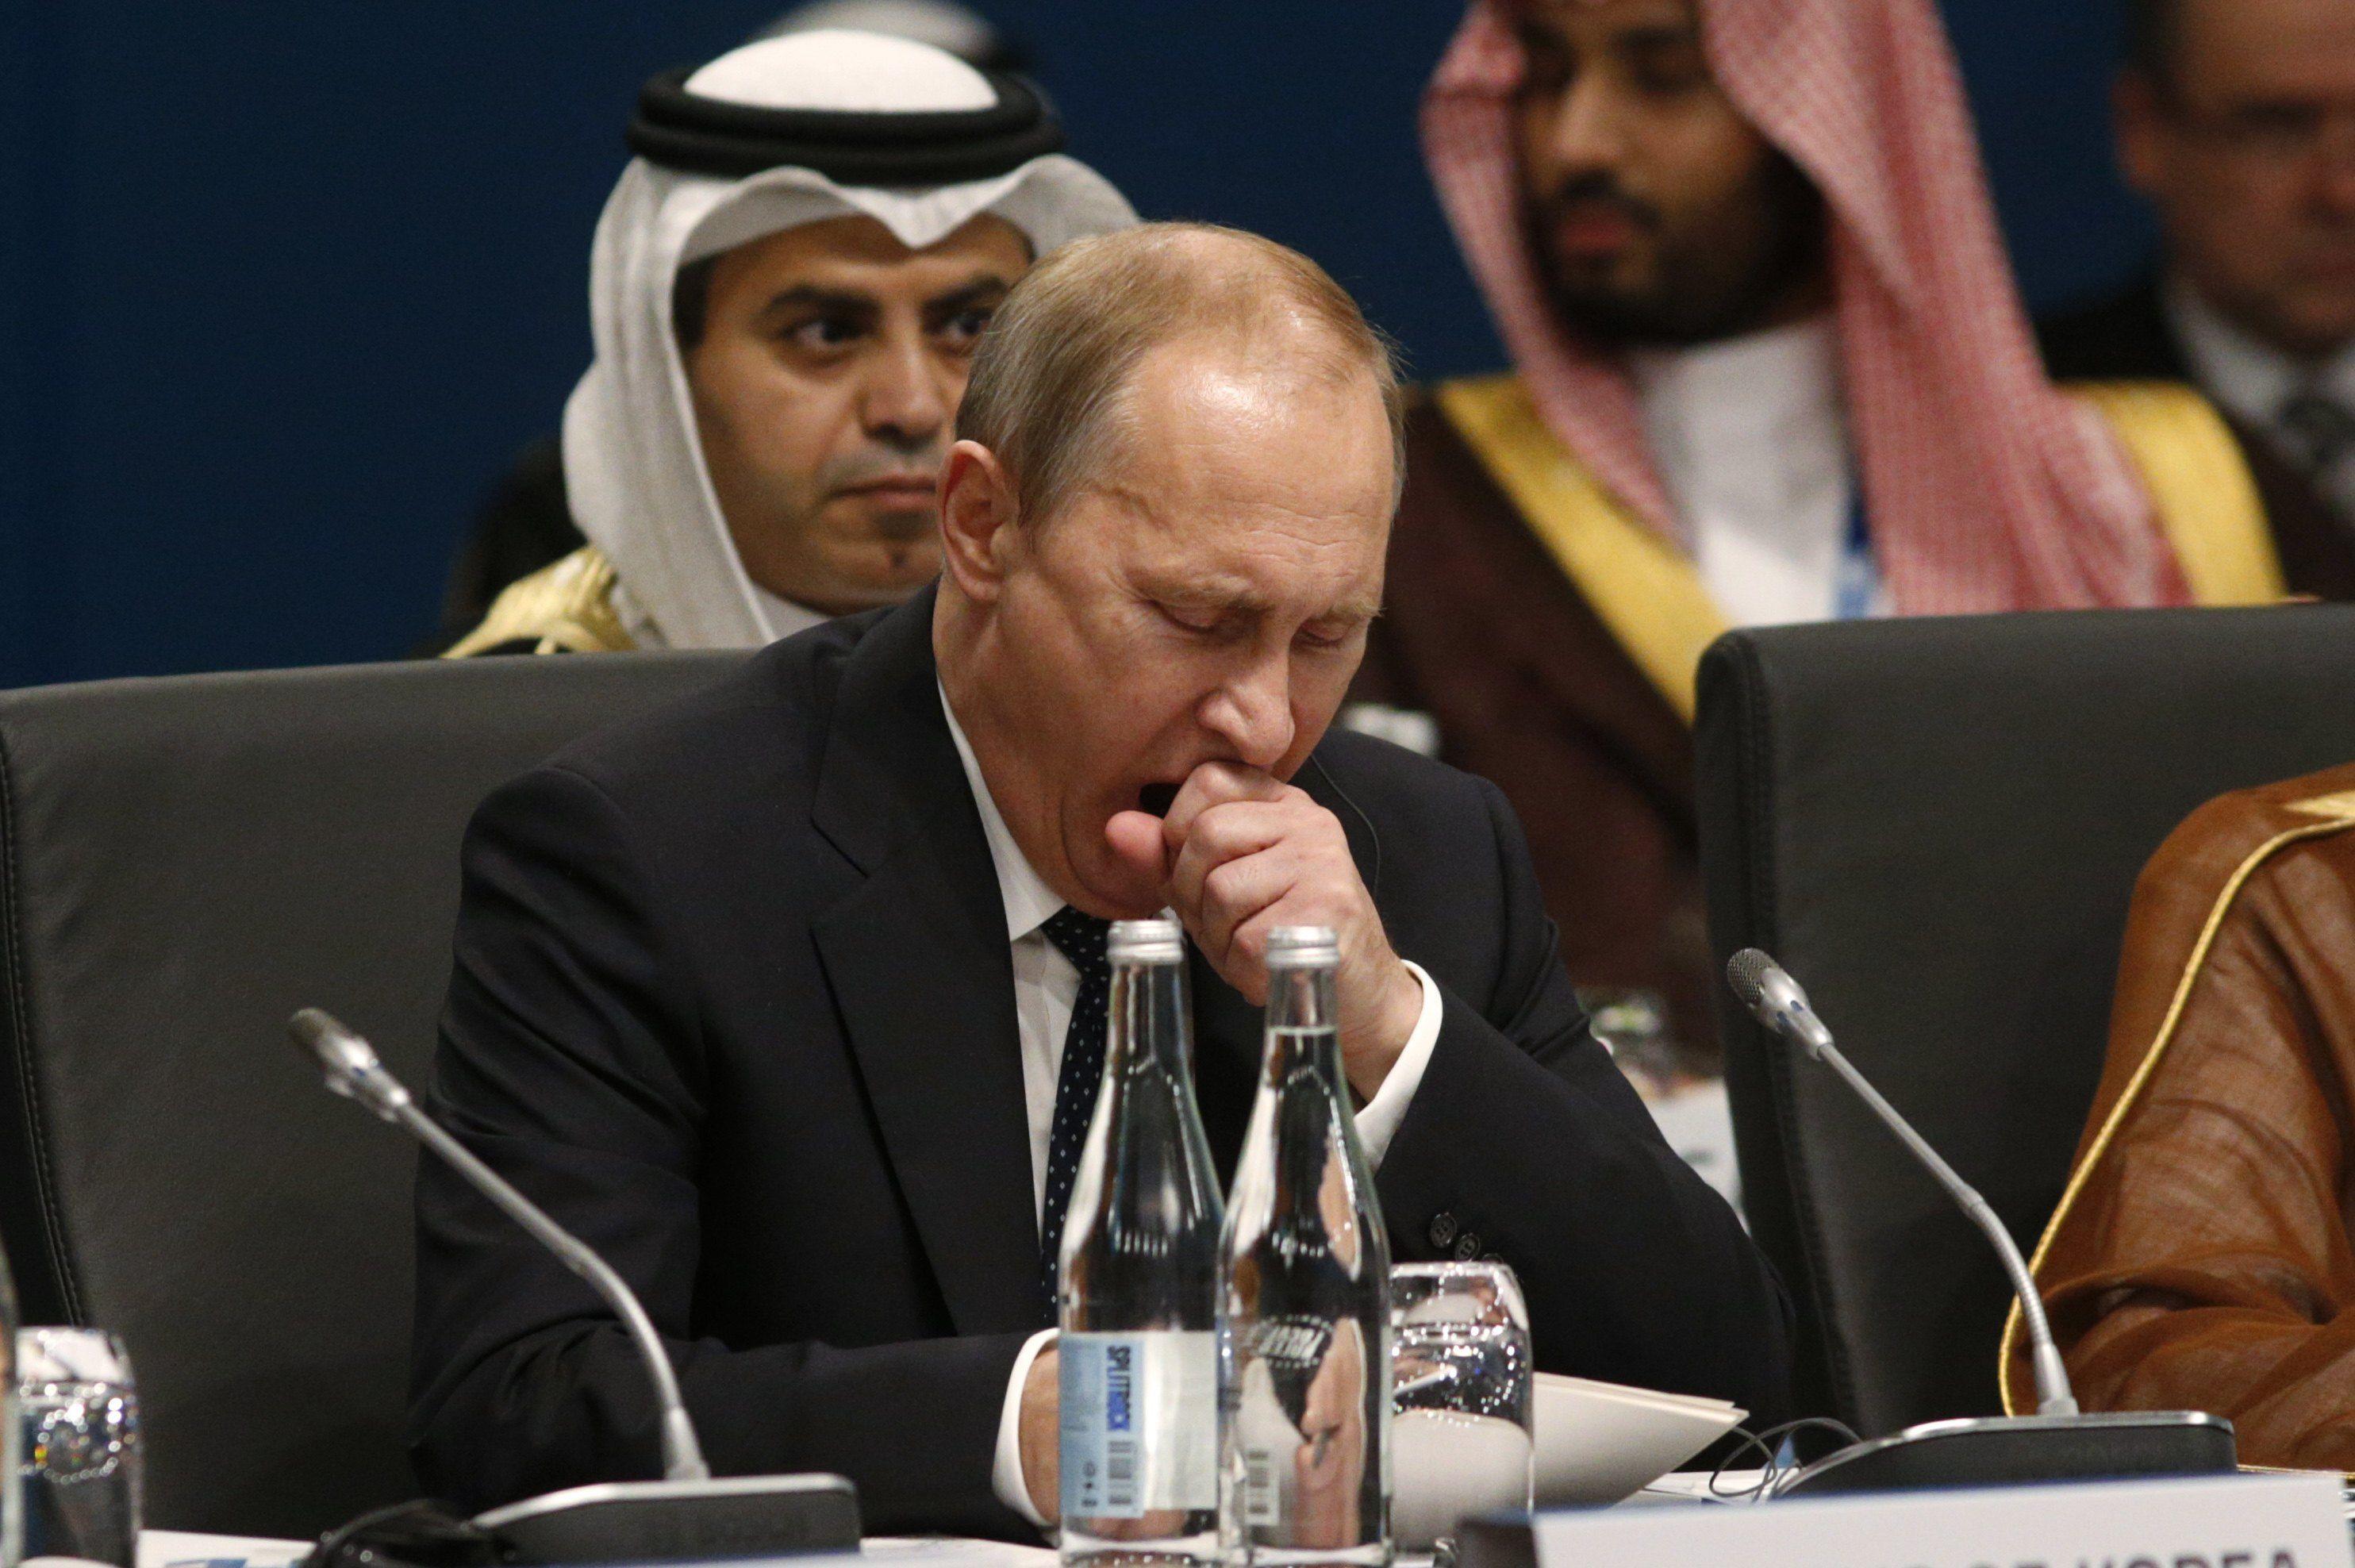 Зевающий Путин на саммите лидеров G-20